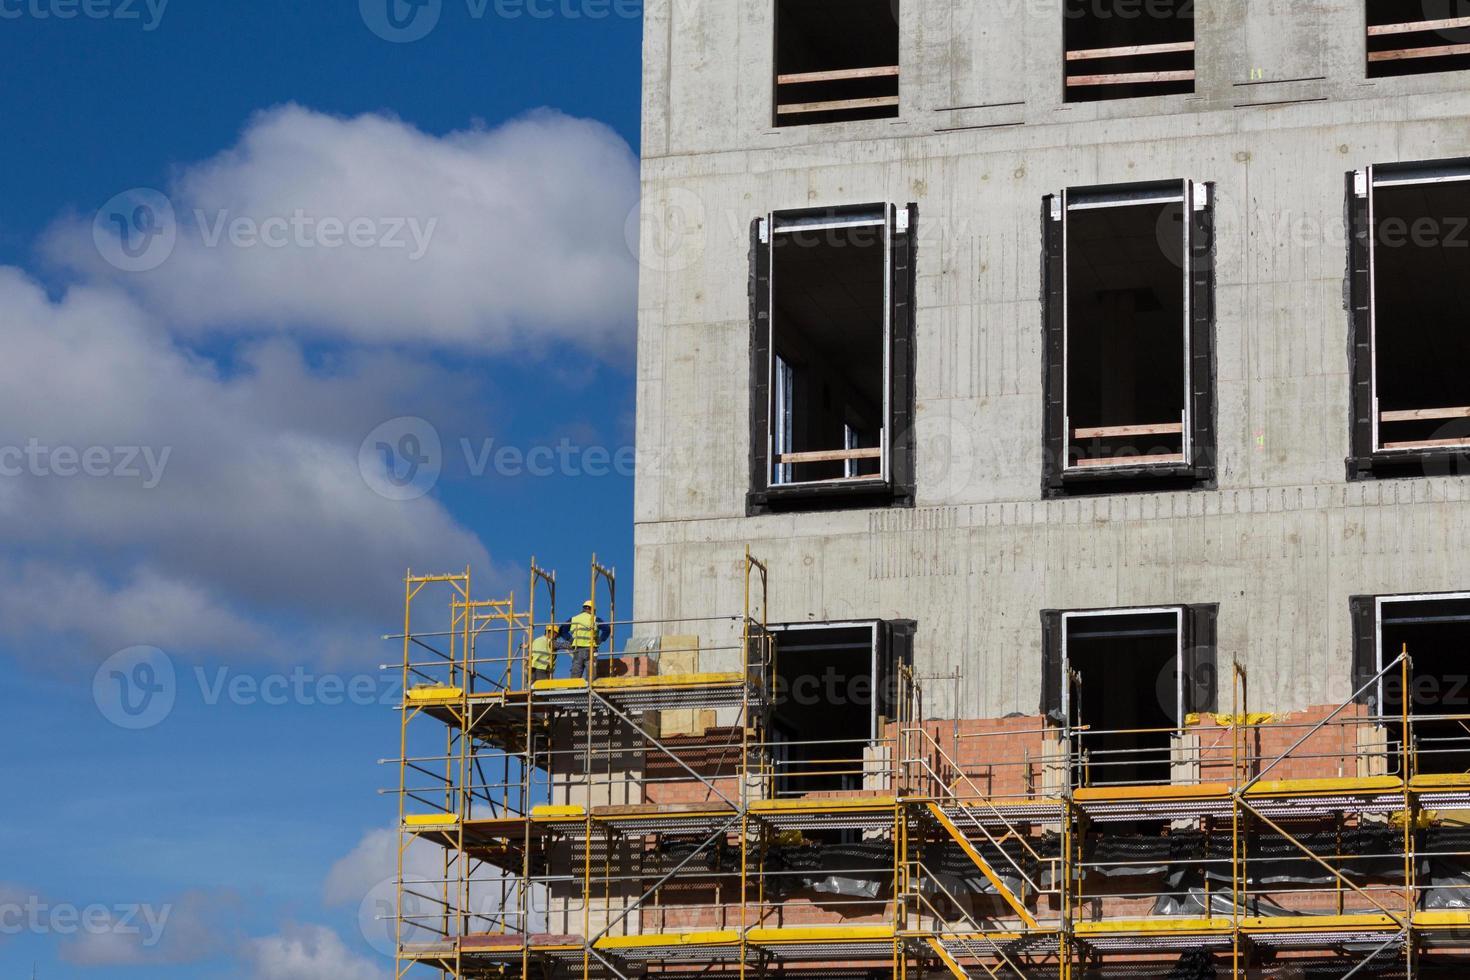 bouwvakkers op steigers - gevelconstructies bouwen foto